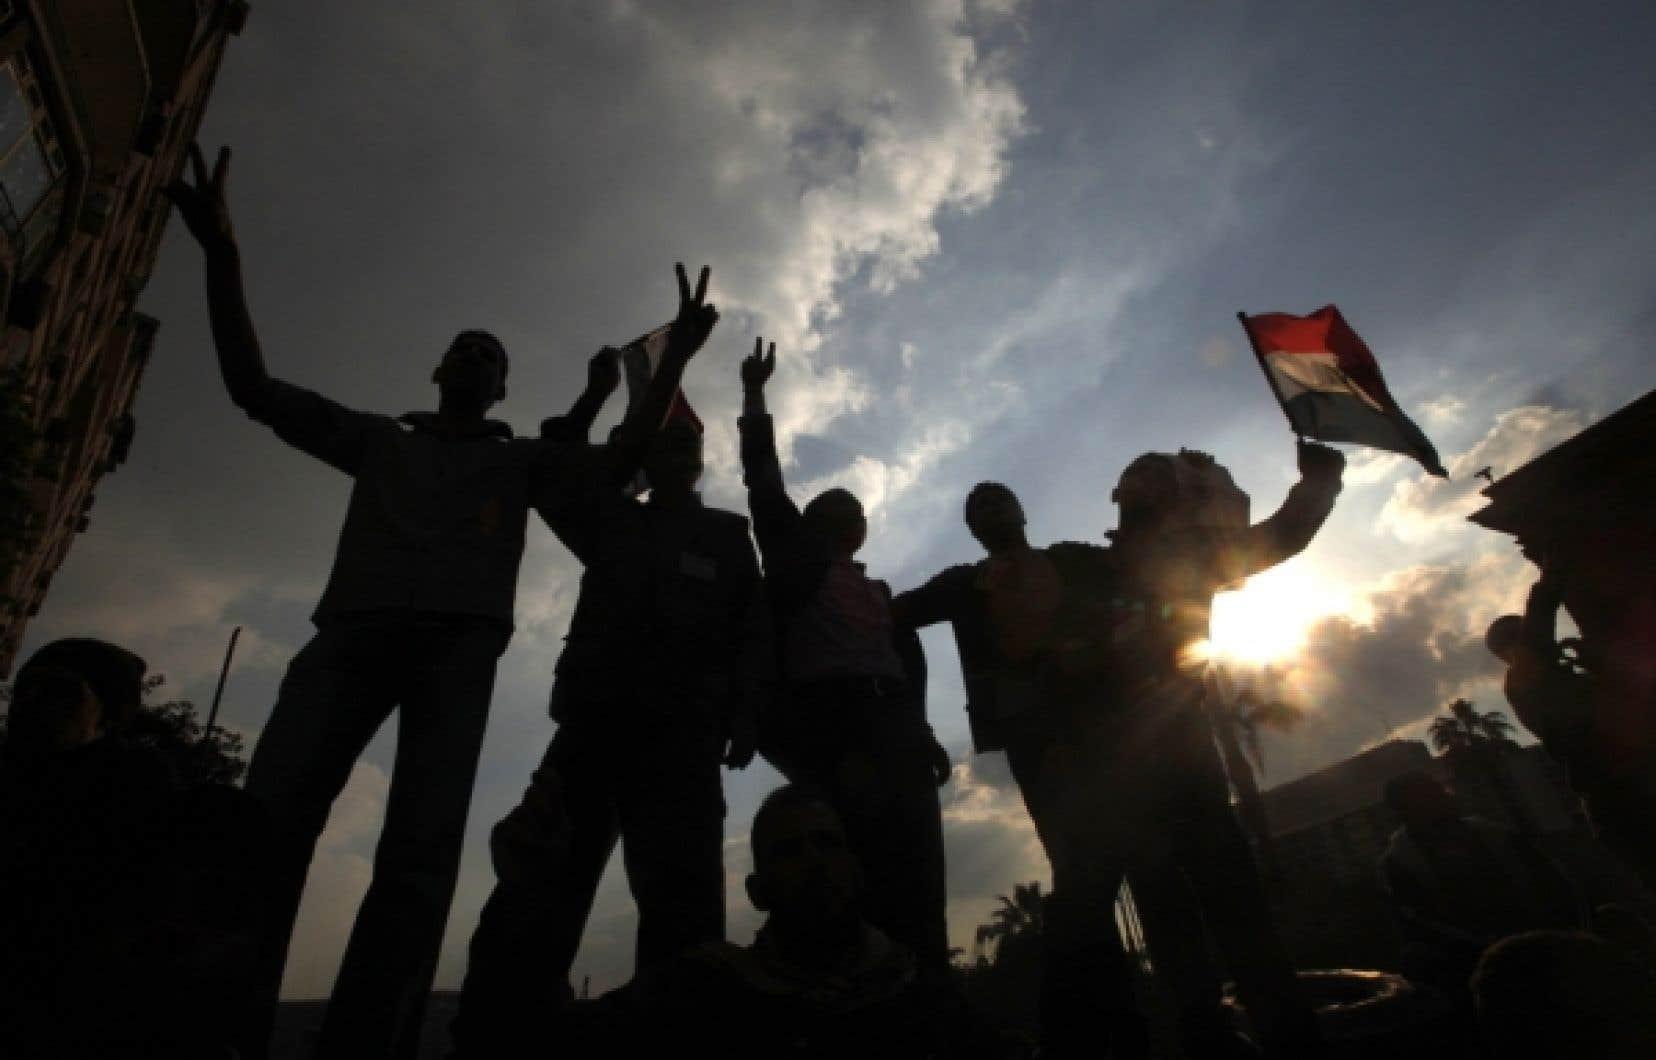 La révolution tunisienne fait naître une vague de soulèvements populaires qui déferlera sur le monde arabe, abattant dans plusieurs endroits le «mur de la peur» dressé entre le dirigeant et la population. <br />